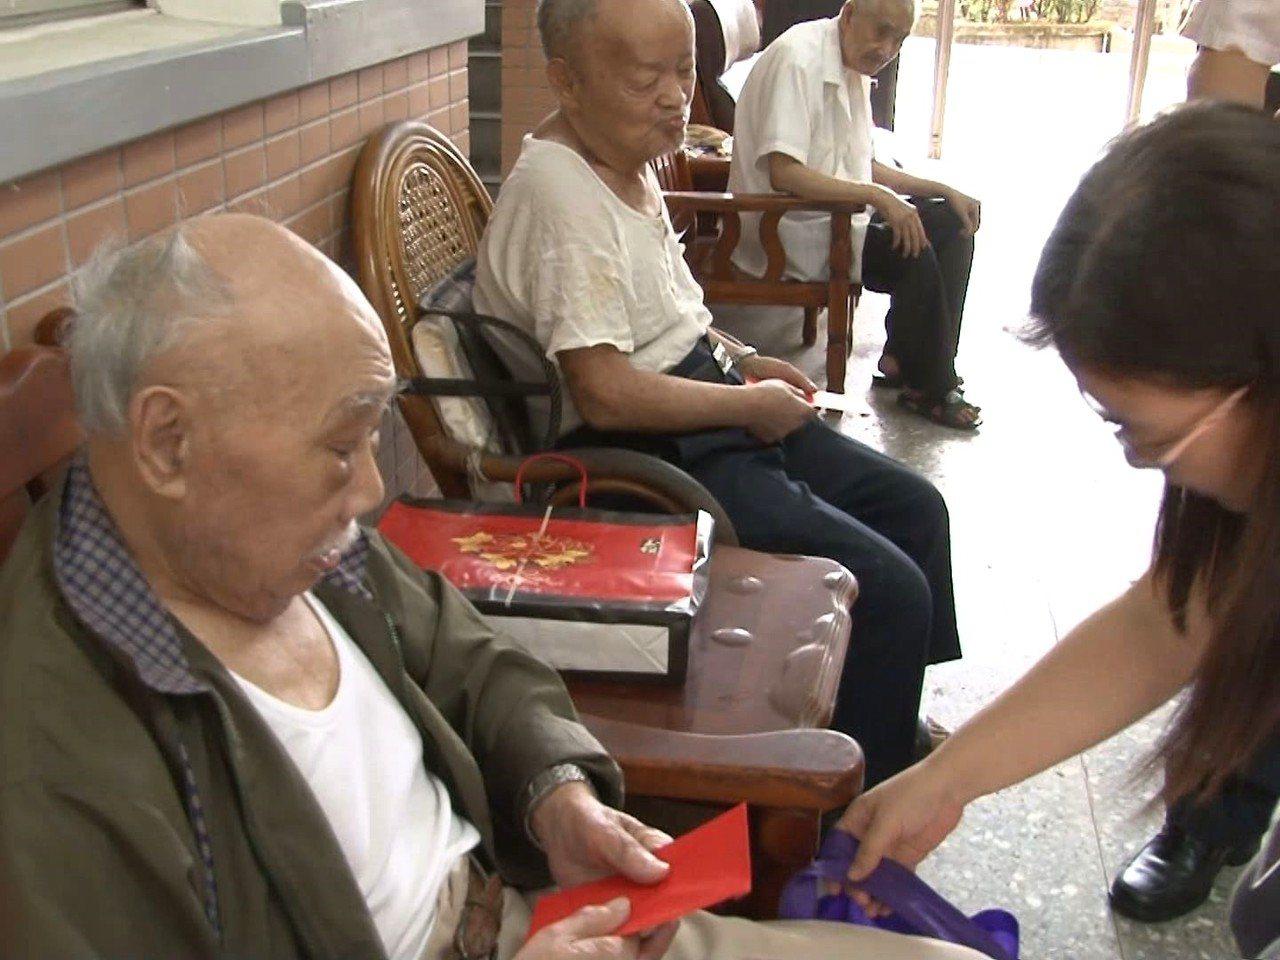 發布低溫特報,瑞芳區啟動防寒機制,進行獨居老人居家訪視,讓長者能健康度過寒冬。 ...